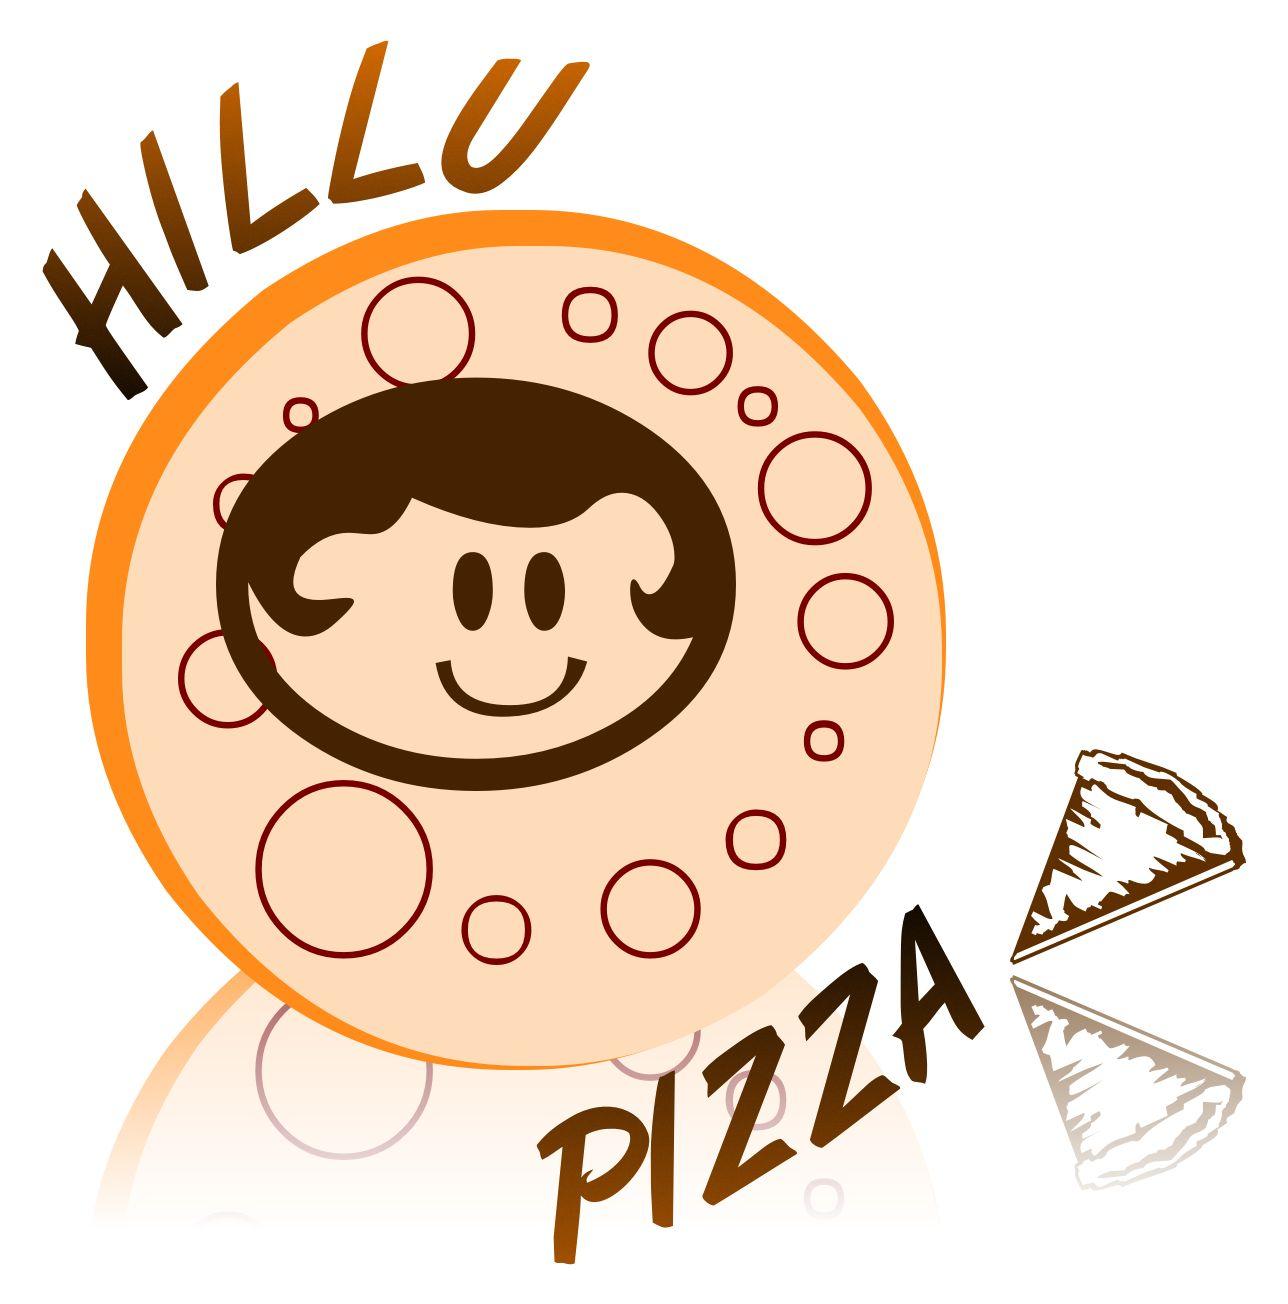 Доставка пиццы Хилли пицца\HILLY PIZZA - дизайнер BeSSpaloFF